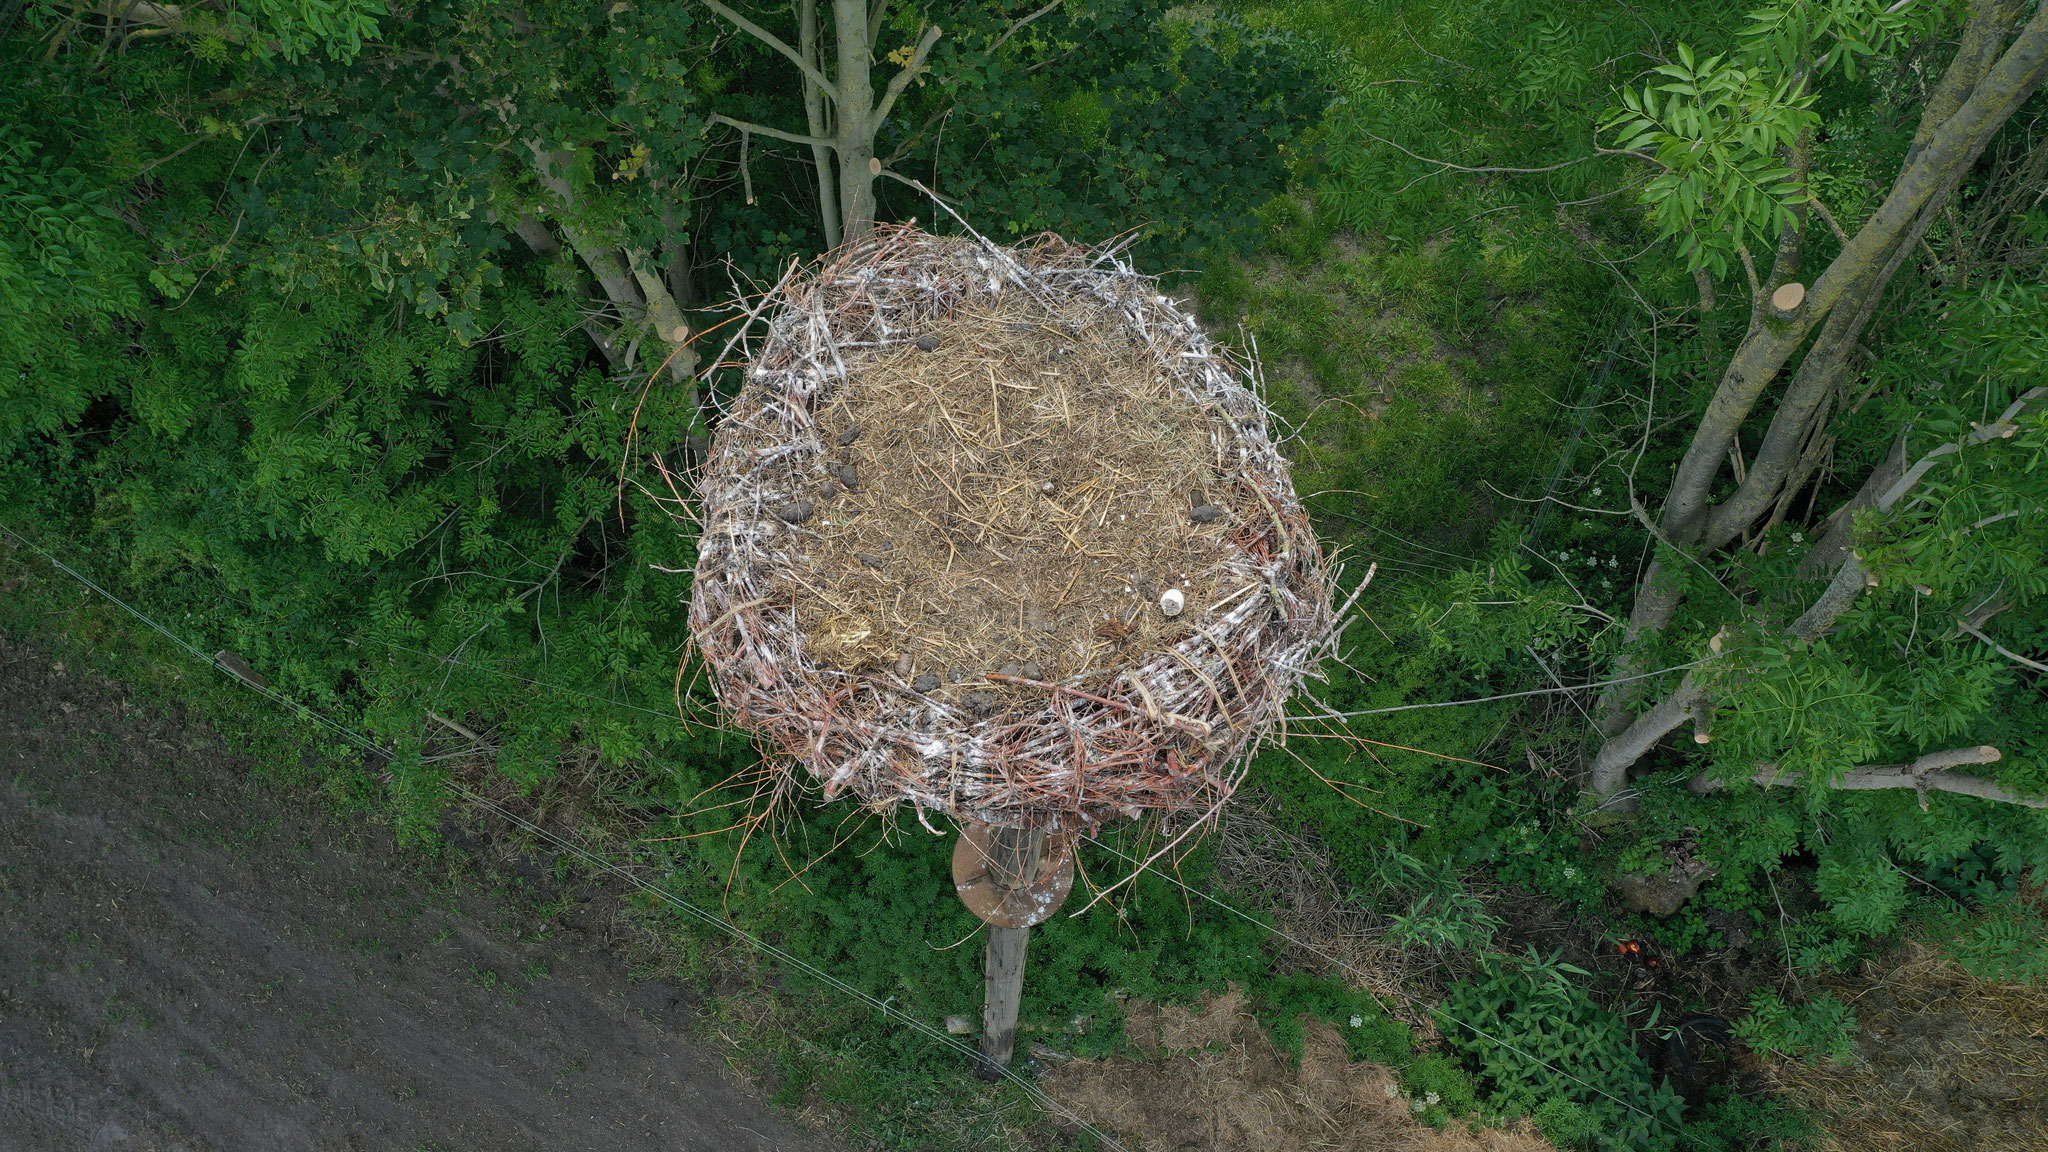 2. Juni 2020. Bedauerlicherweise hat das Storchenpaar das Nest verlassen. Das Küken scheint aus dem Nest geraubt worden zu sein. Sehr schade!